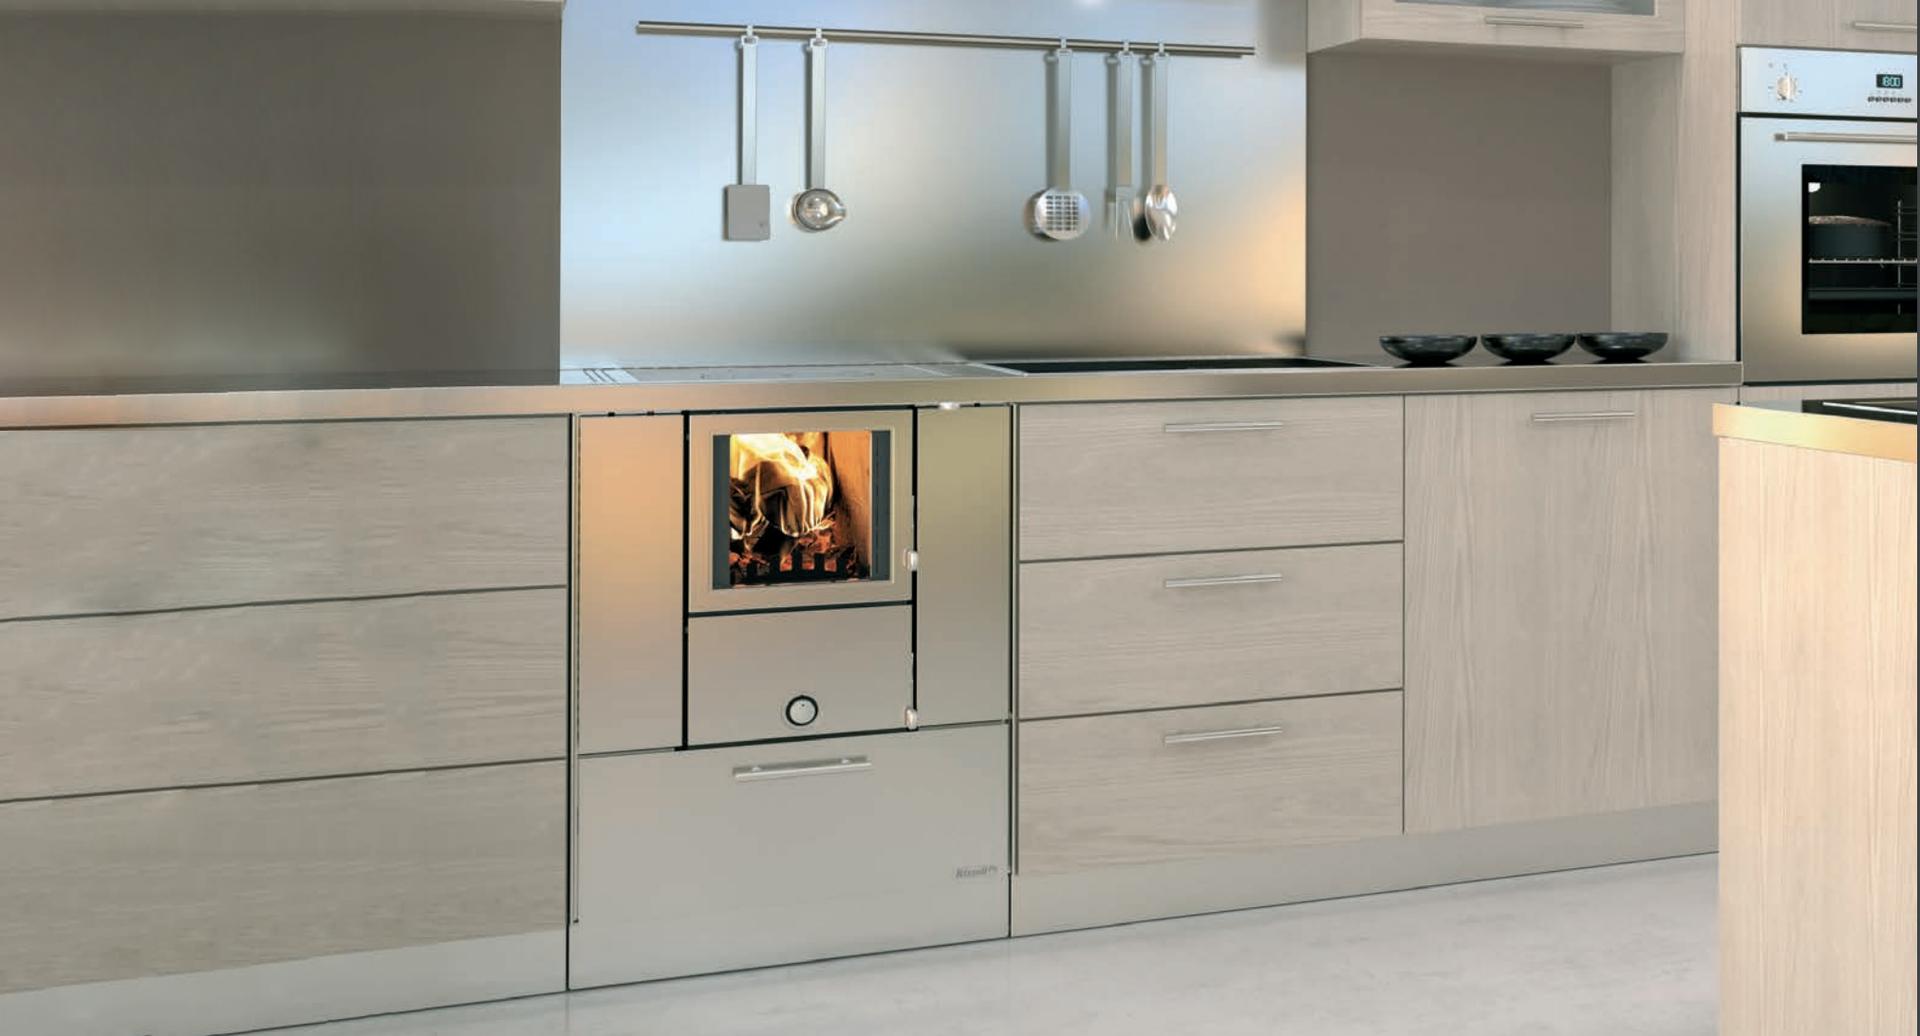 Cucine a Legna | Rizzoli - Benvenuti su Termoidraulica ...